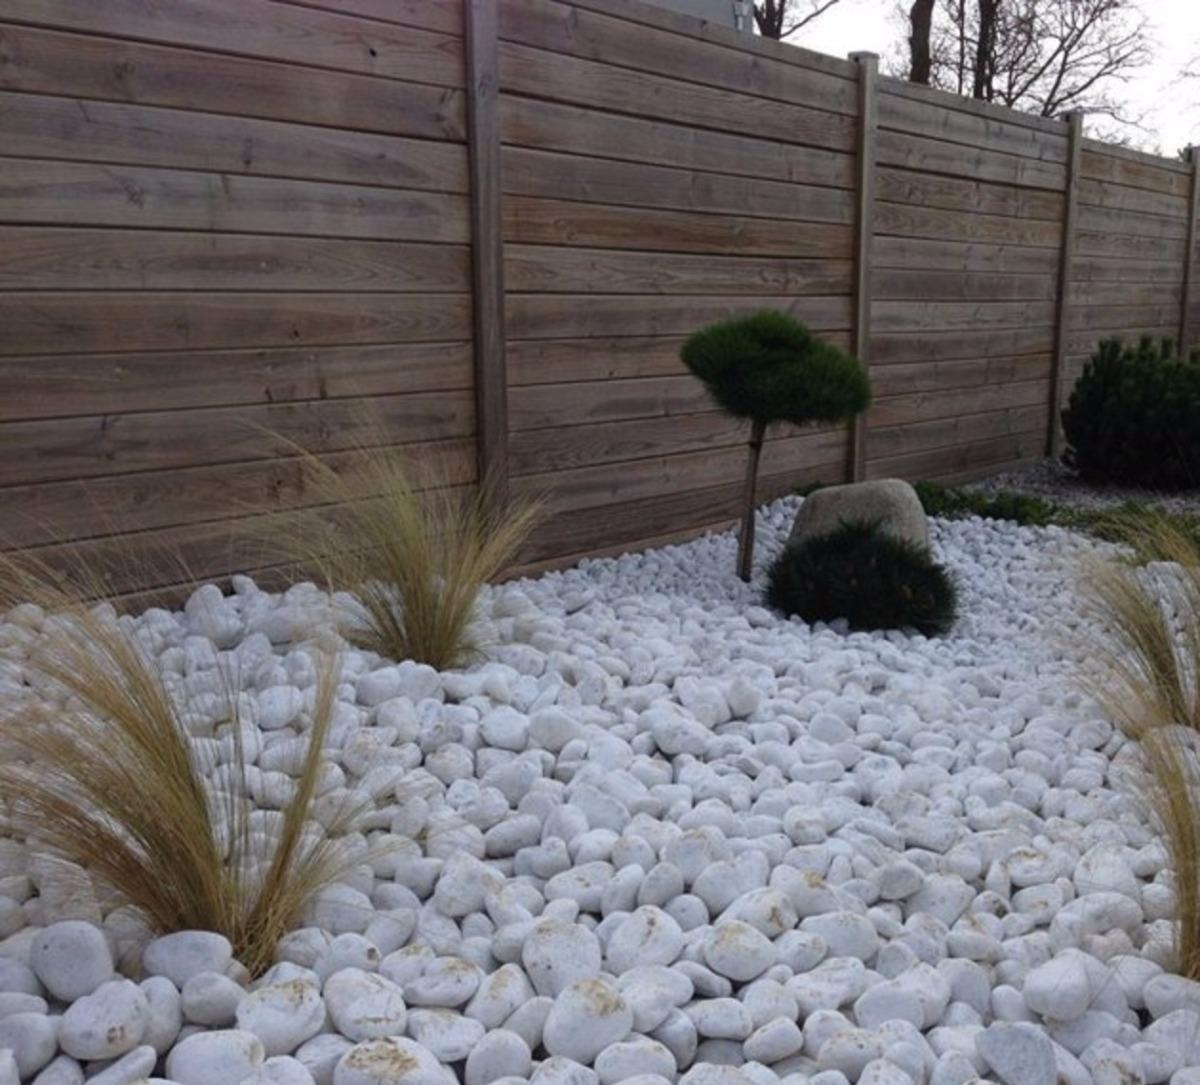 Piedra decorativa bola blanca de rio saco de 10 kilos en mercado libre - Piedra decorativa jardin ...